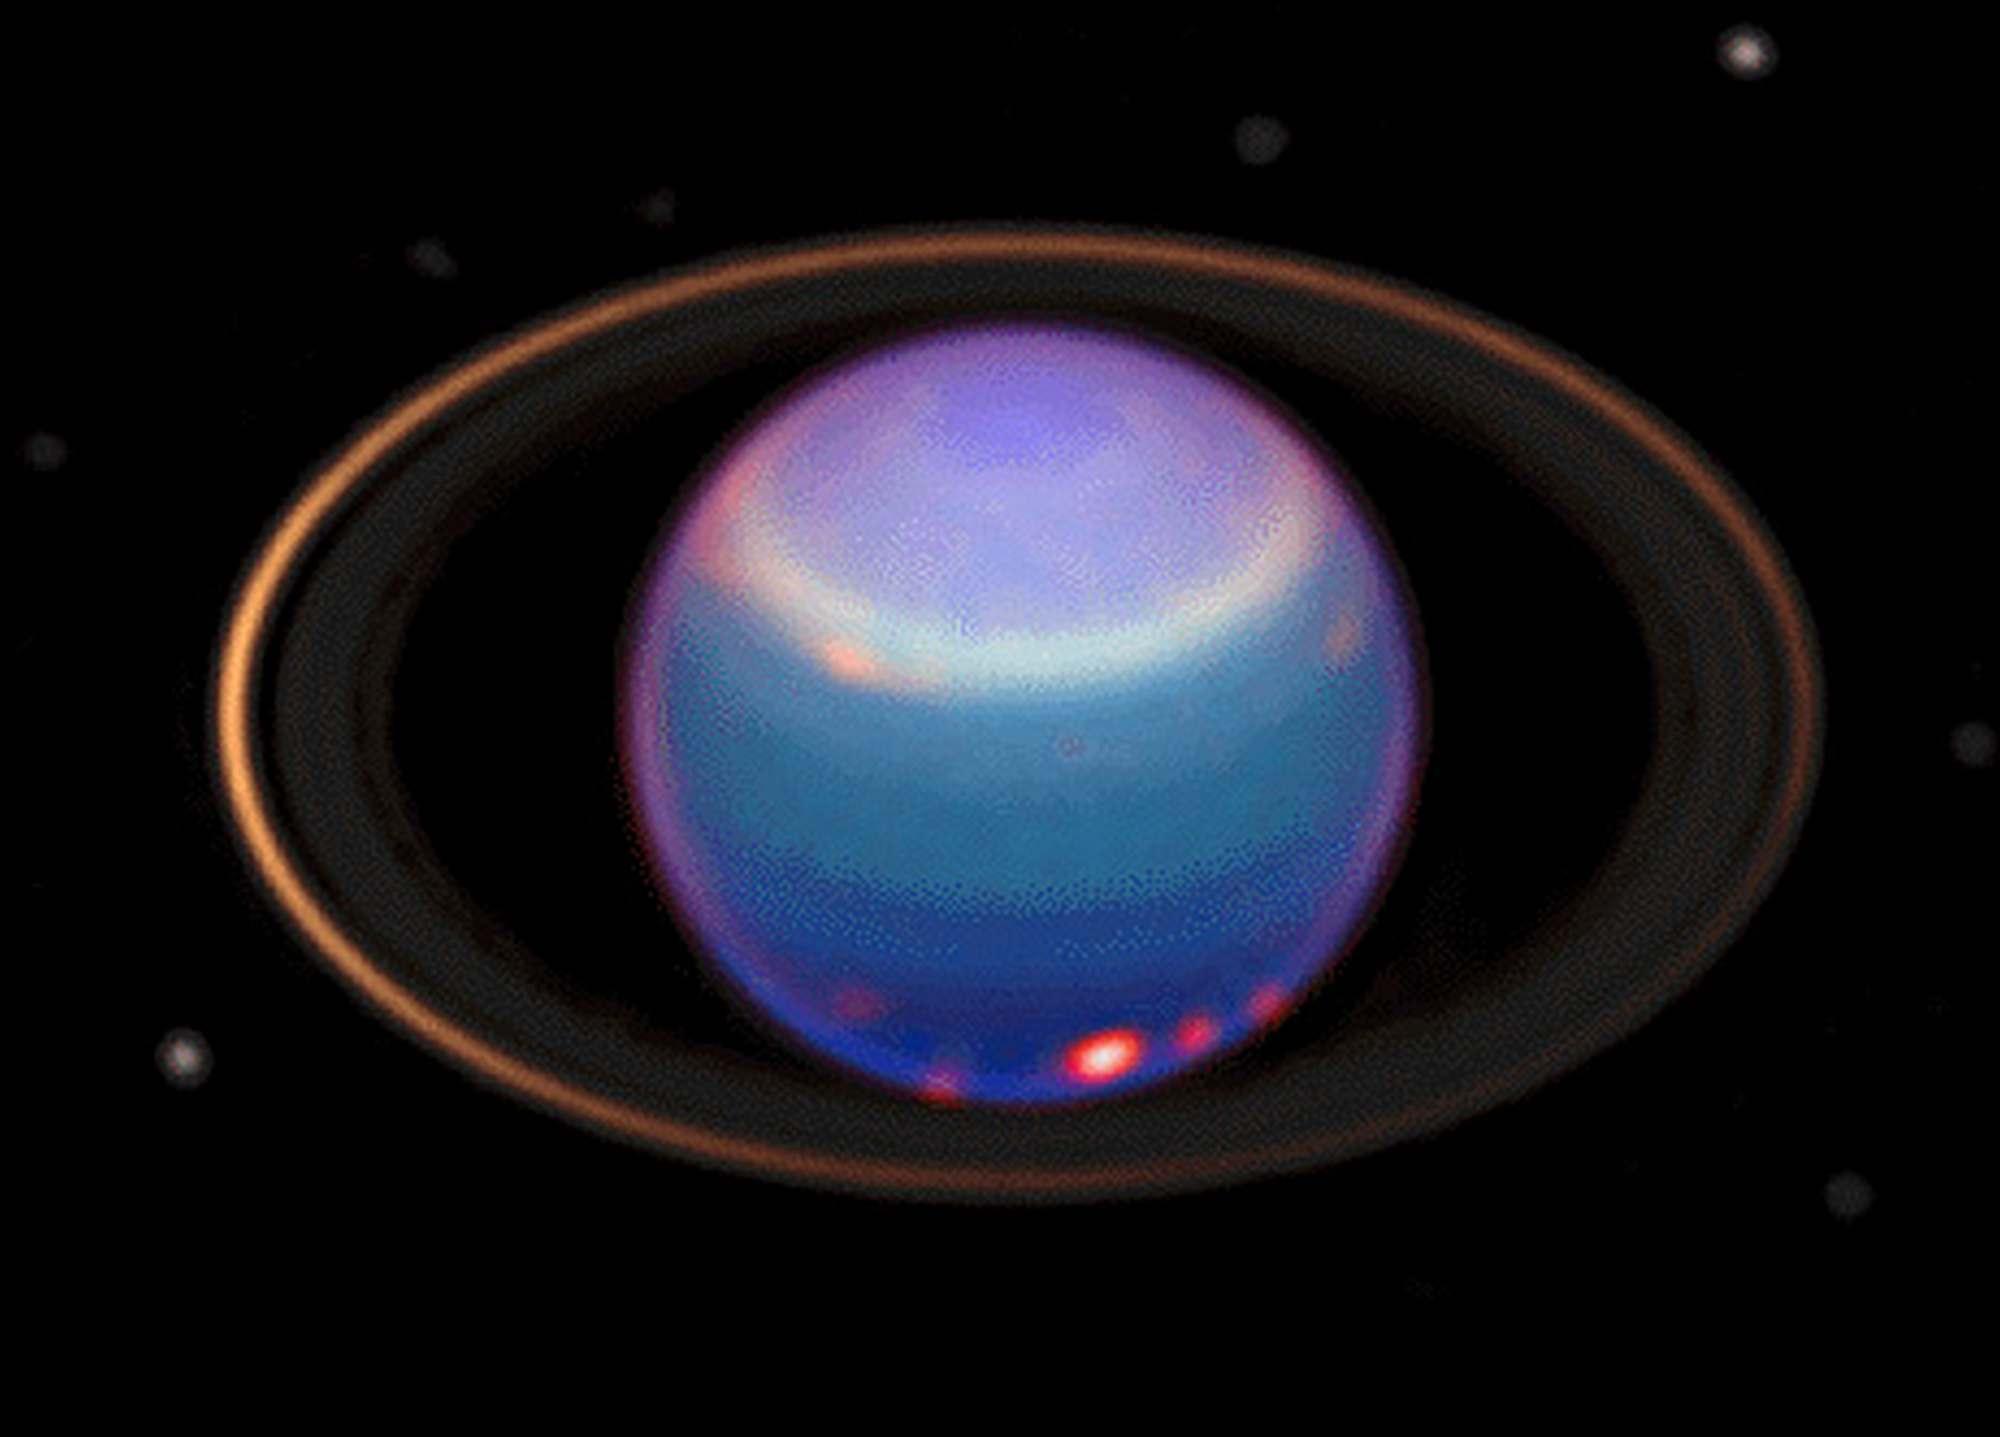 Уран был открыт в 1781 году английским астрономом Уильямом Гершелем. Так же, как у Юпитер и Сатурна, у Урана есть кольца и спутники (NASA and Erich Karkoschka, University of Arizona).